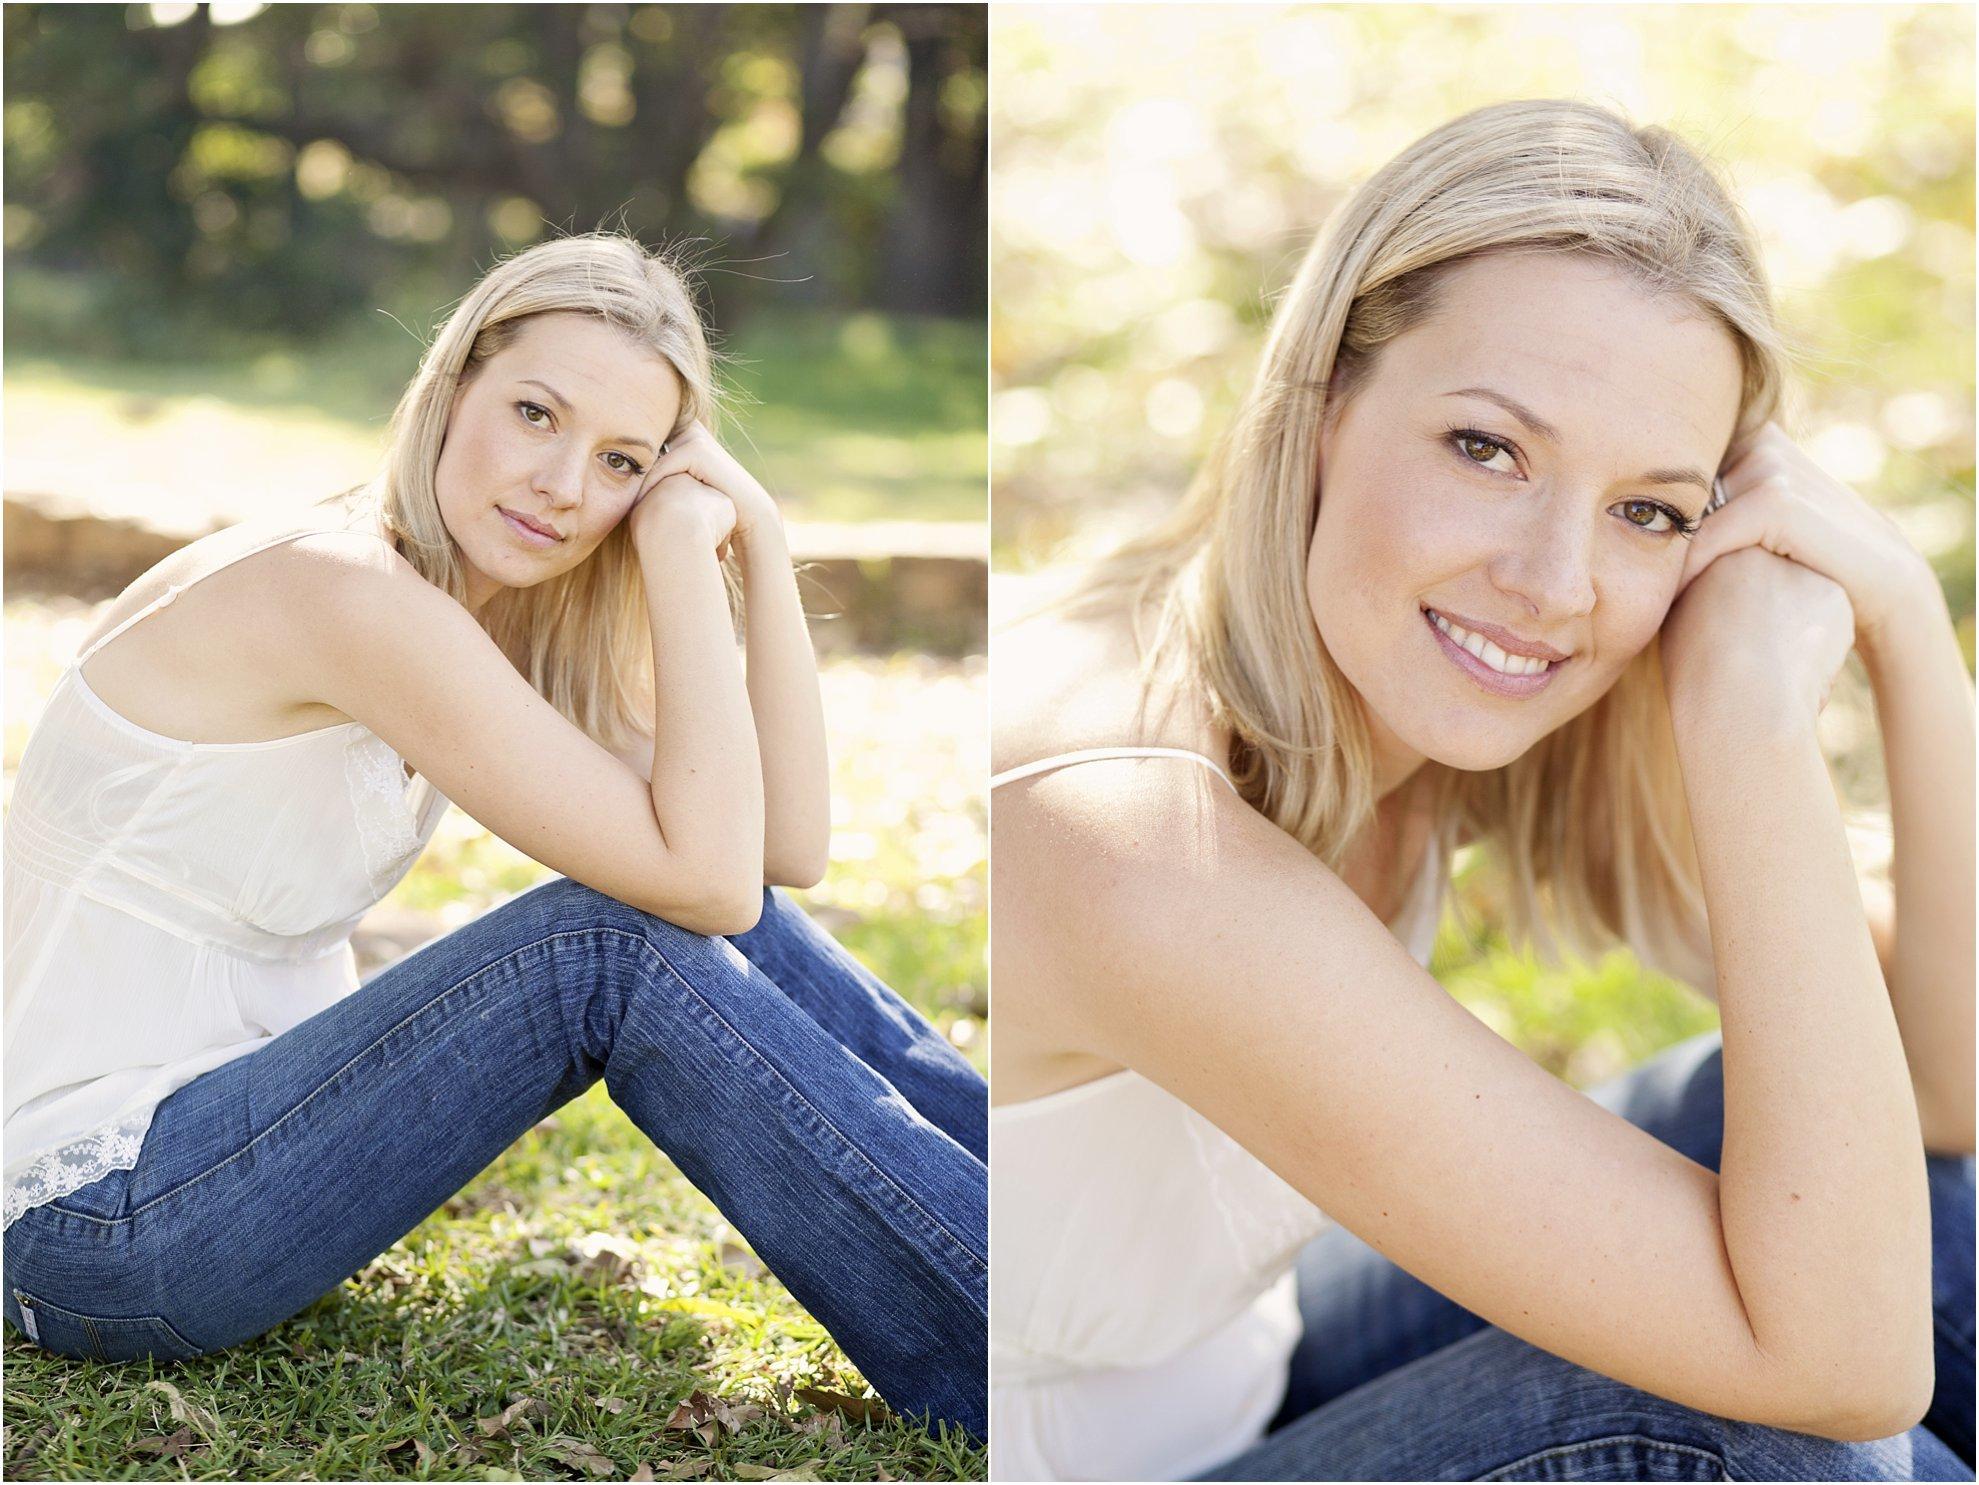 FIONA CLAIR PHOTOGRAPHY Bryan & Stacey Rennie 06 06 2013_0366